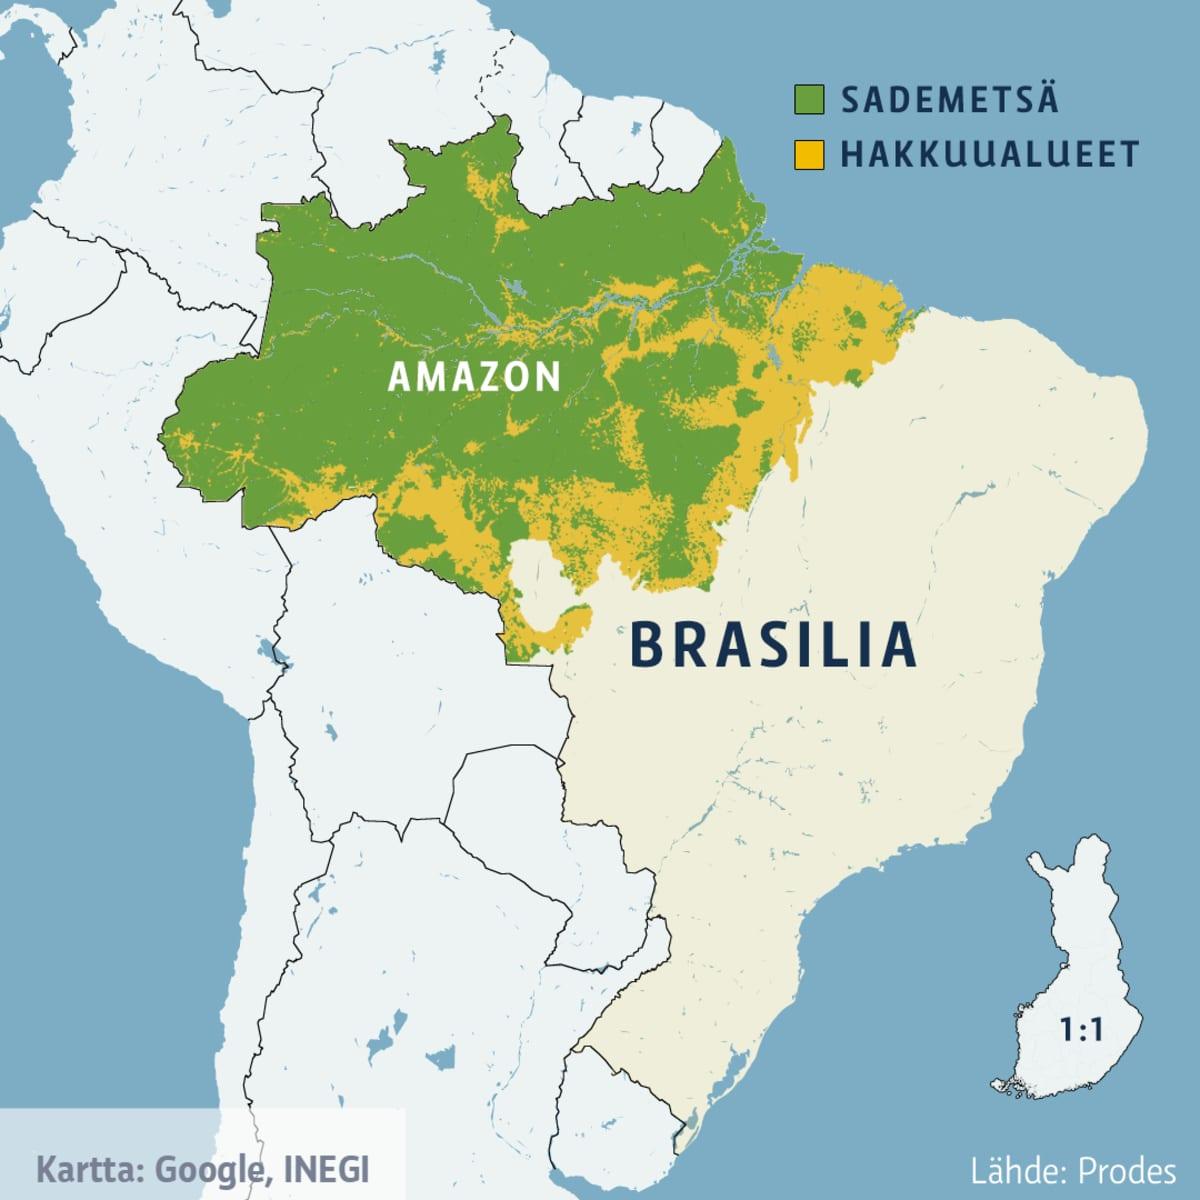 Brasilian kartta